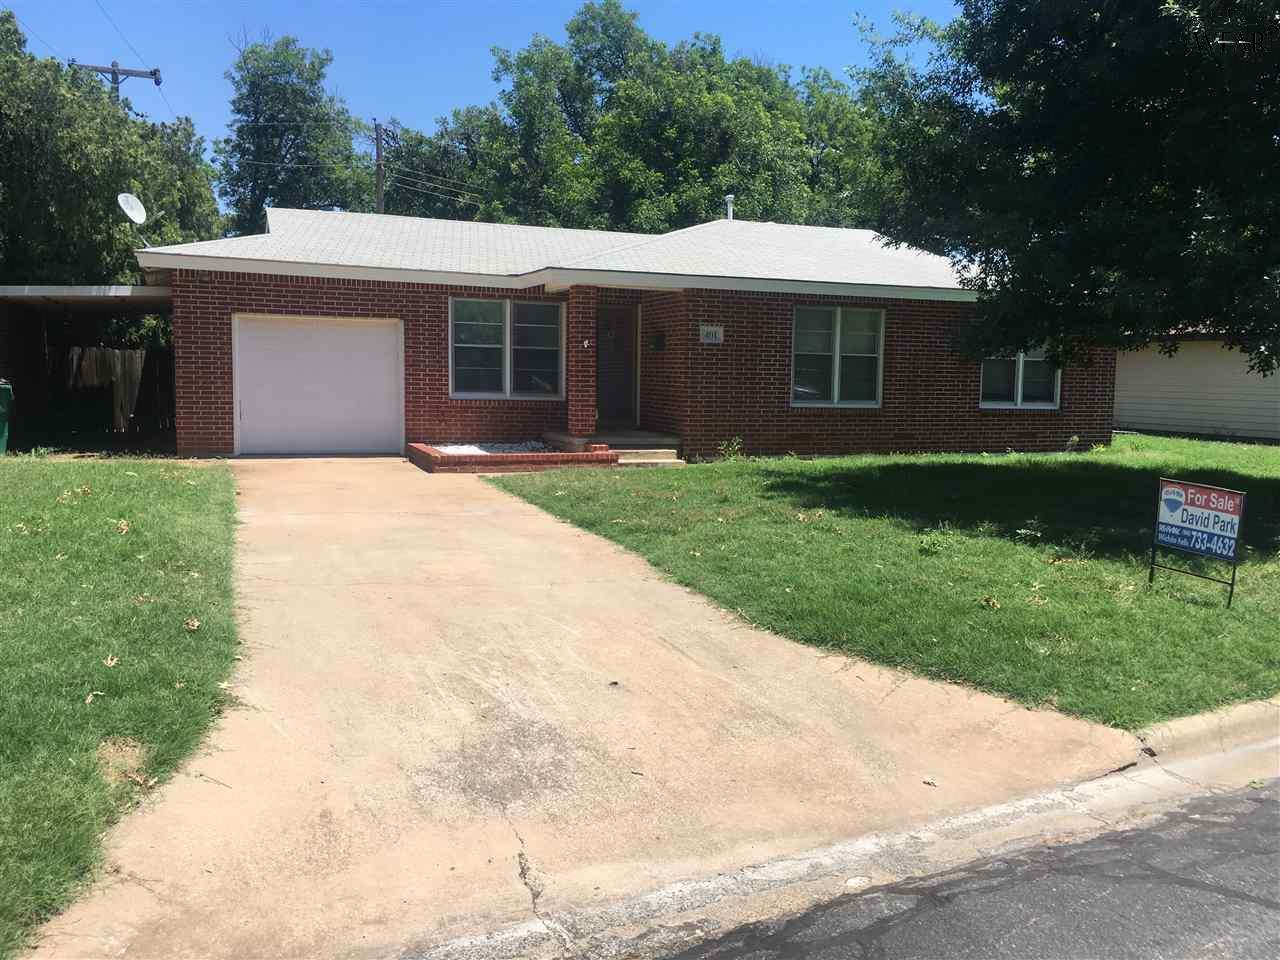 401 PEACH STREET, Burkburnett, TX 76354